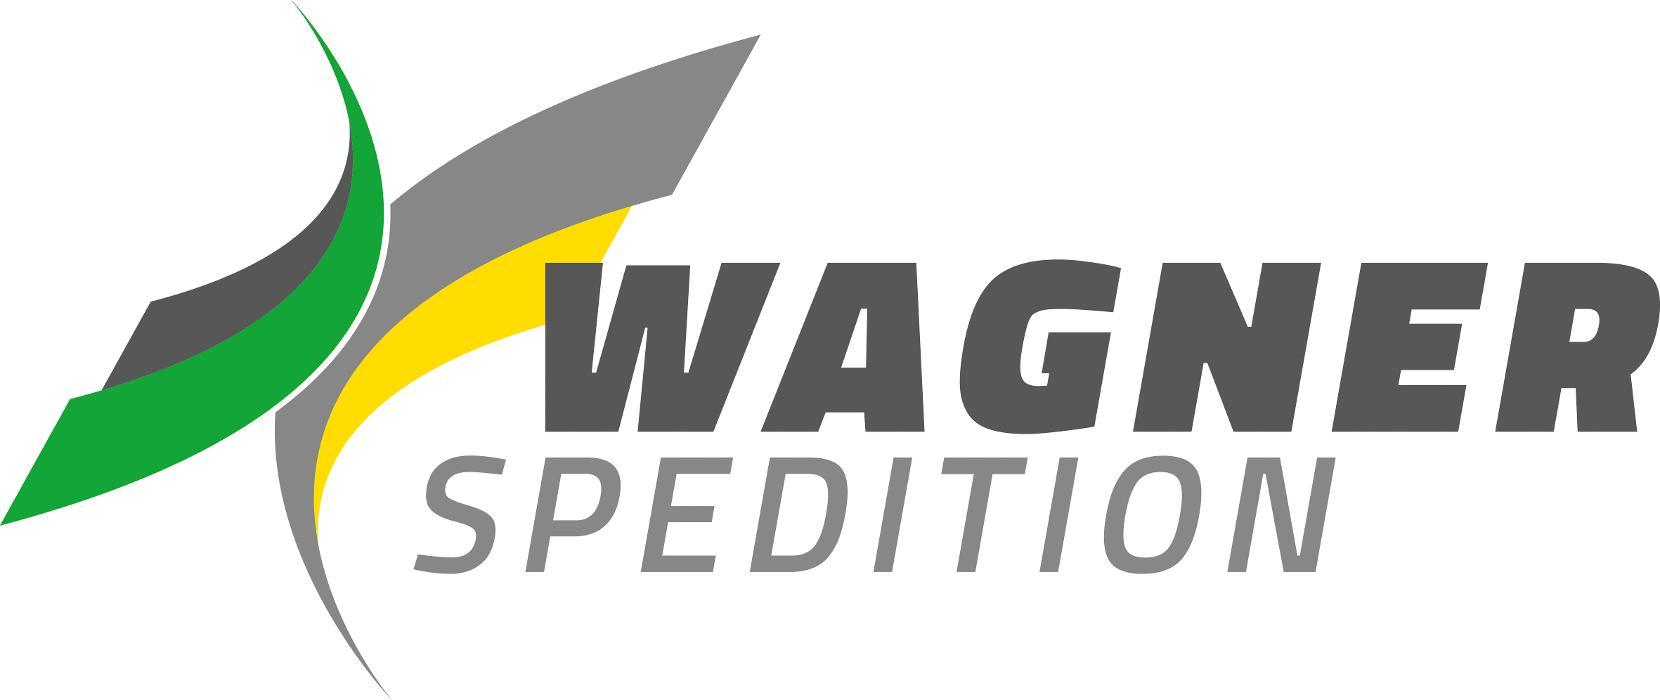 Bild zu Spedition Kurt Wagner GmbH & Co.KG in Mannheim